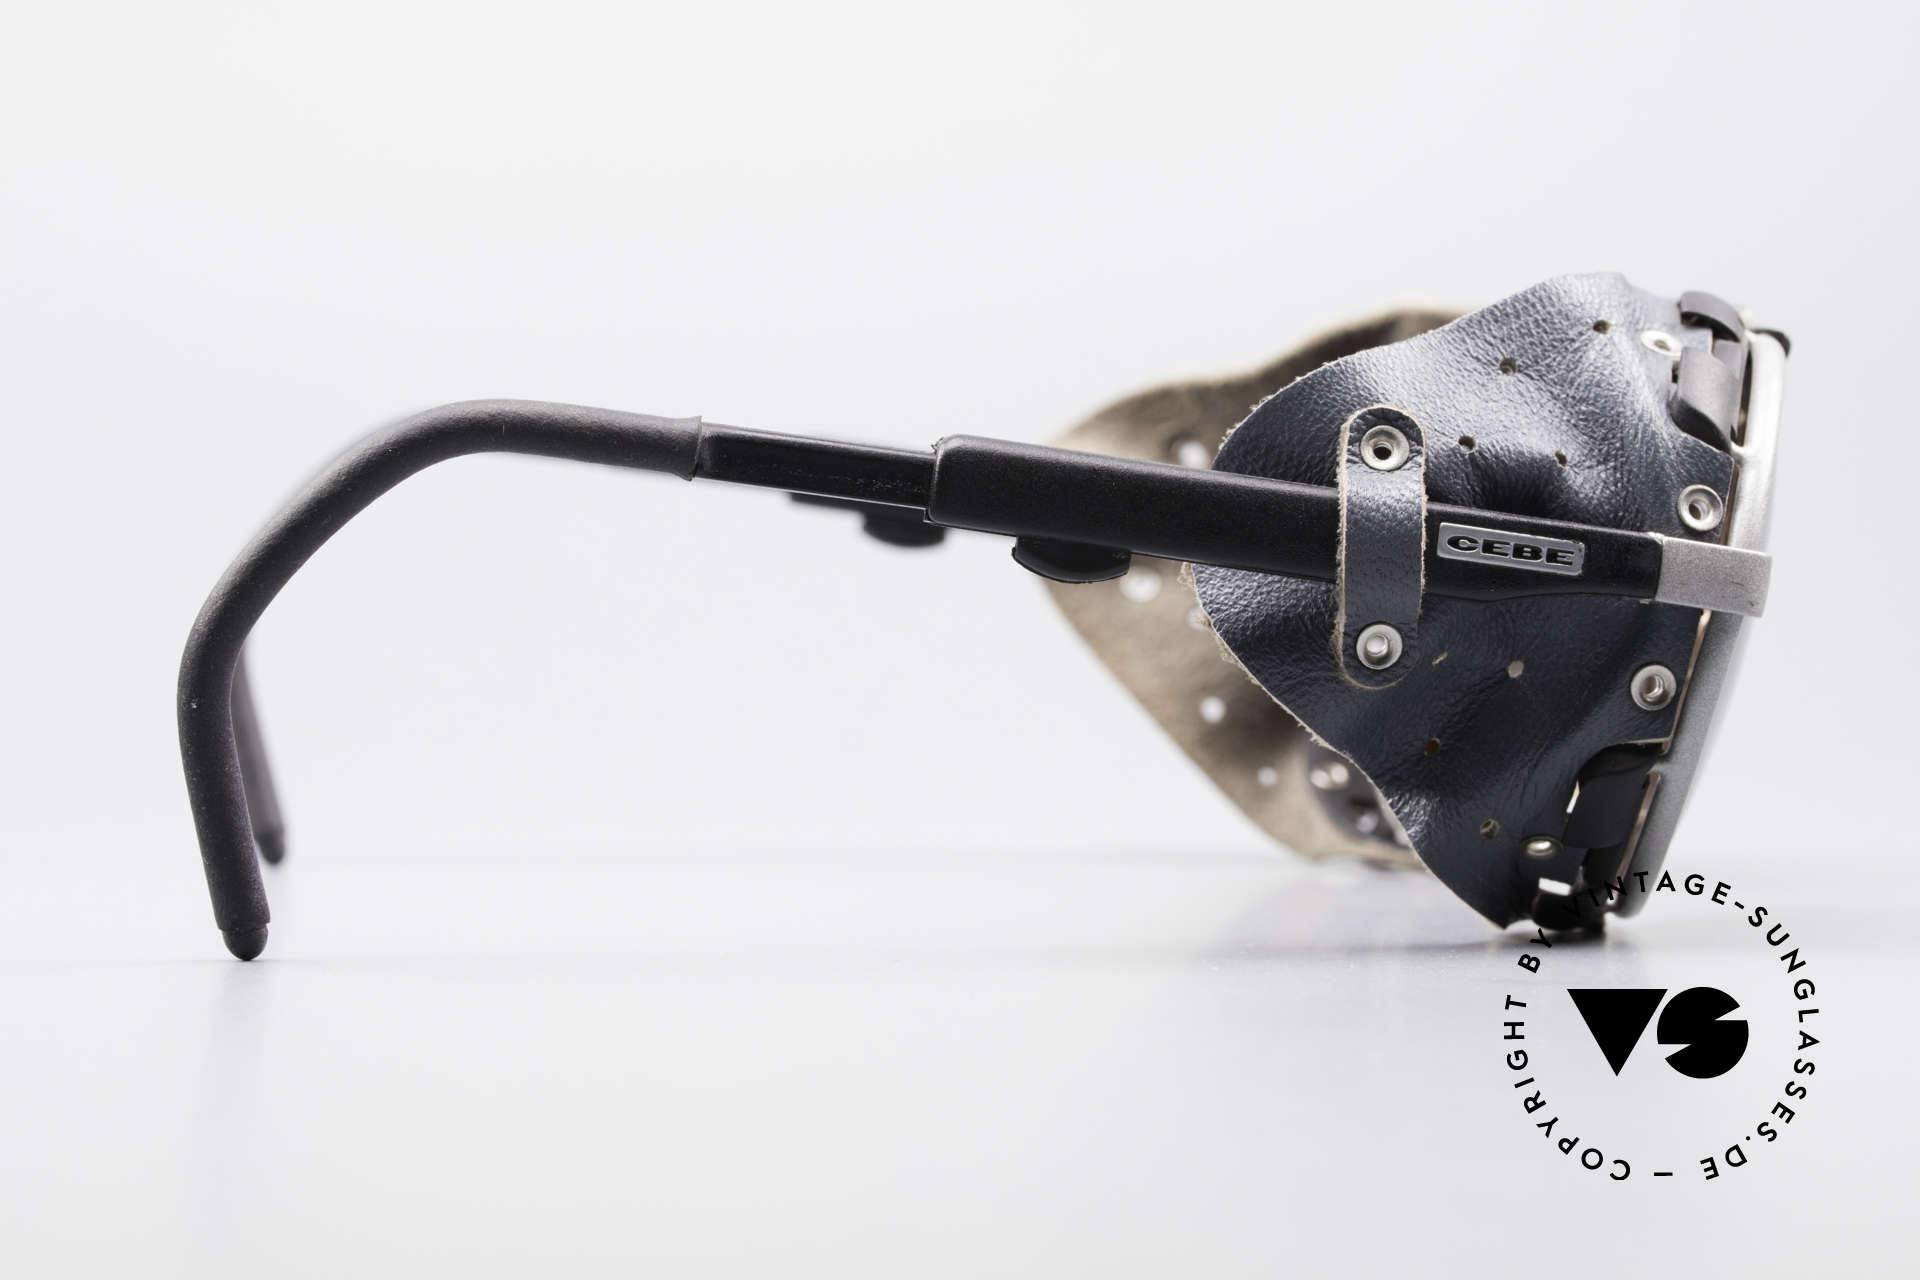 Cebe 385 Walter Cecchinel Sonnenbrille, ungetragen; wie alle unsere CEBE Ski-Sportsonnenbrillen, Passend für Herren und Damen